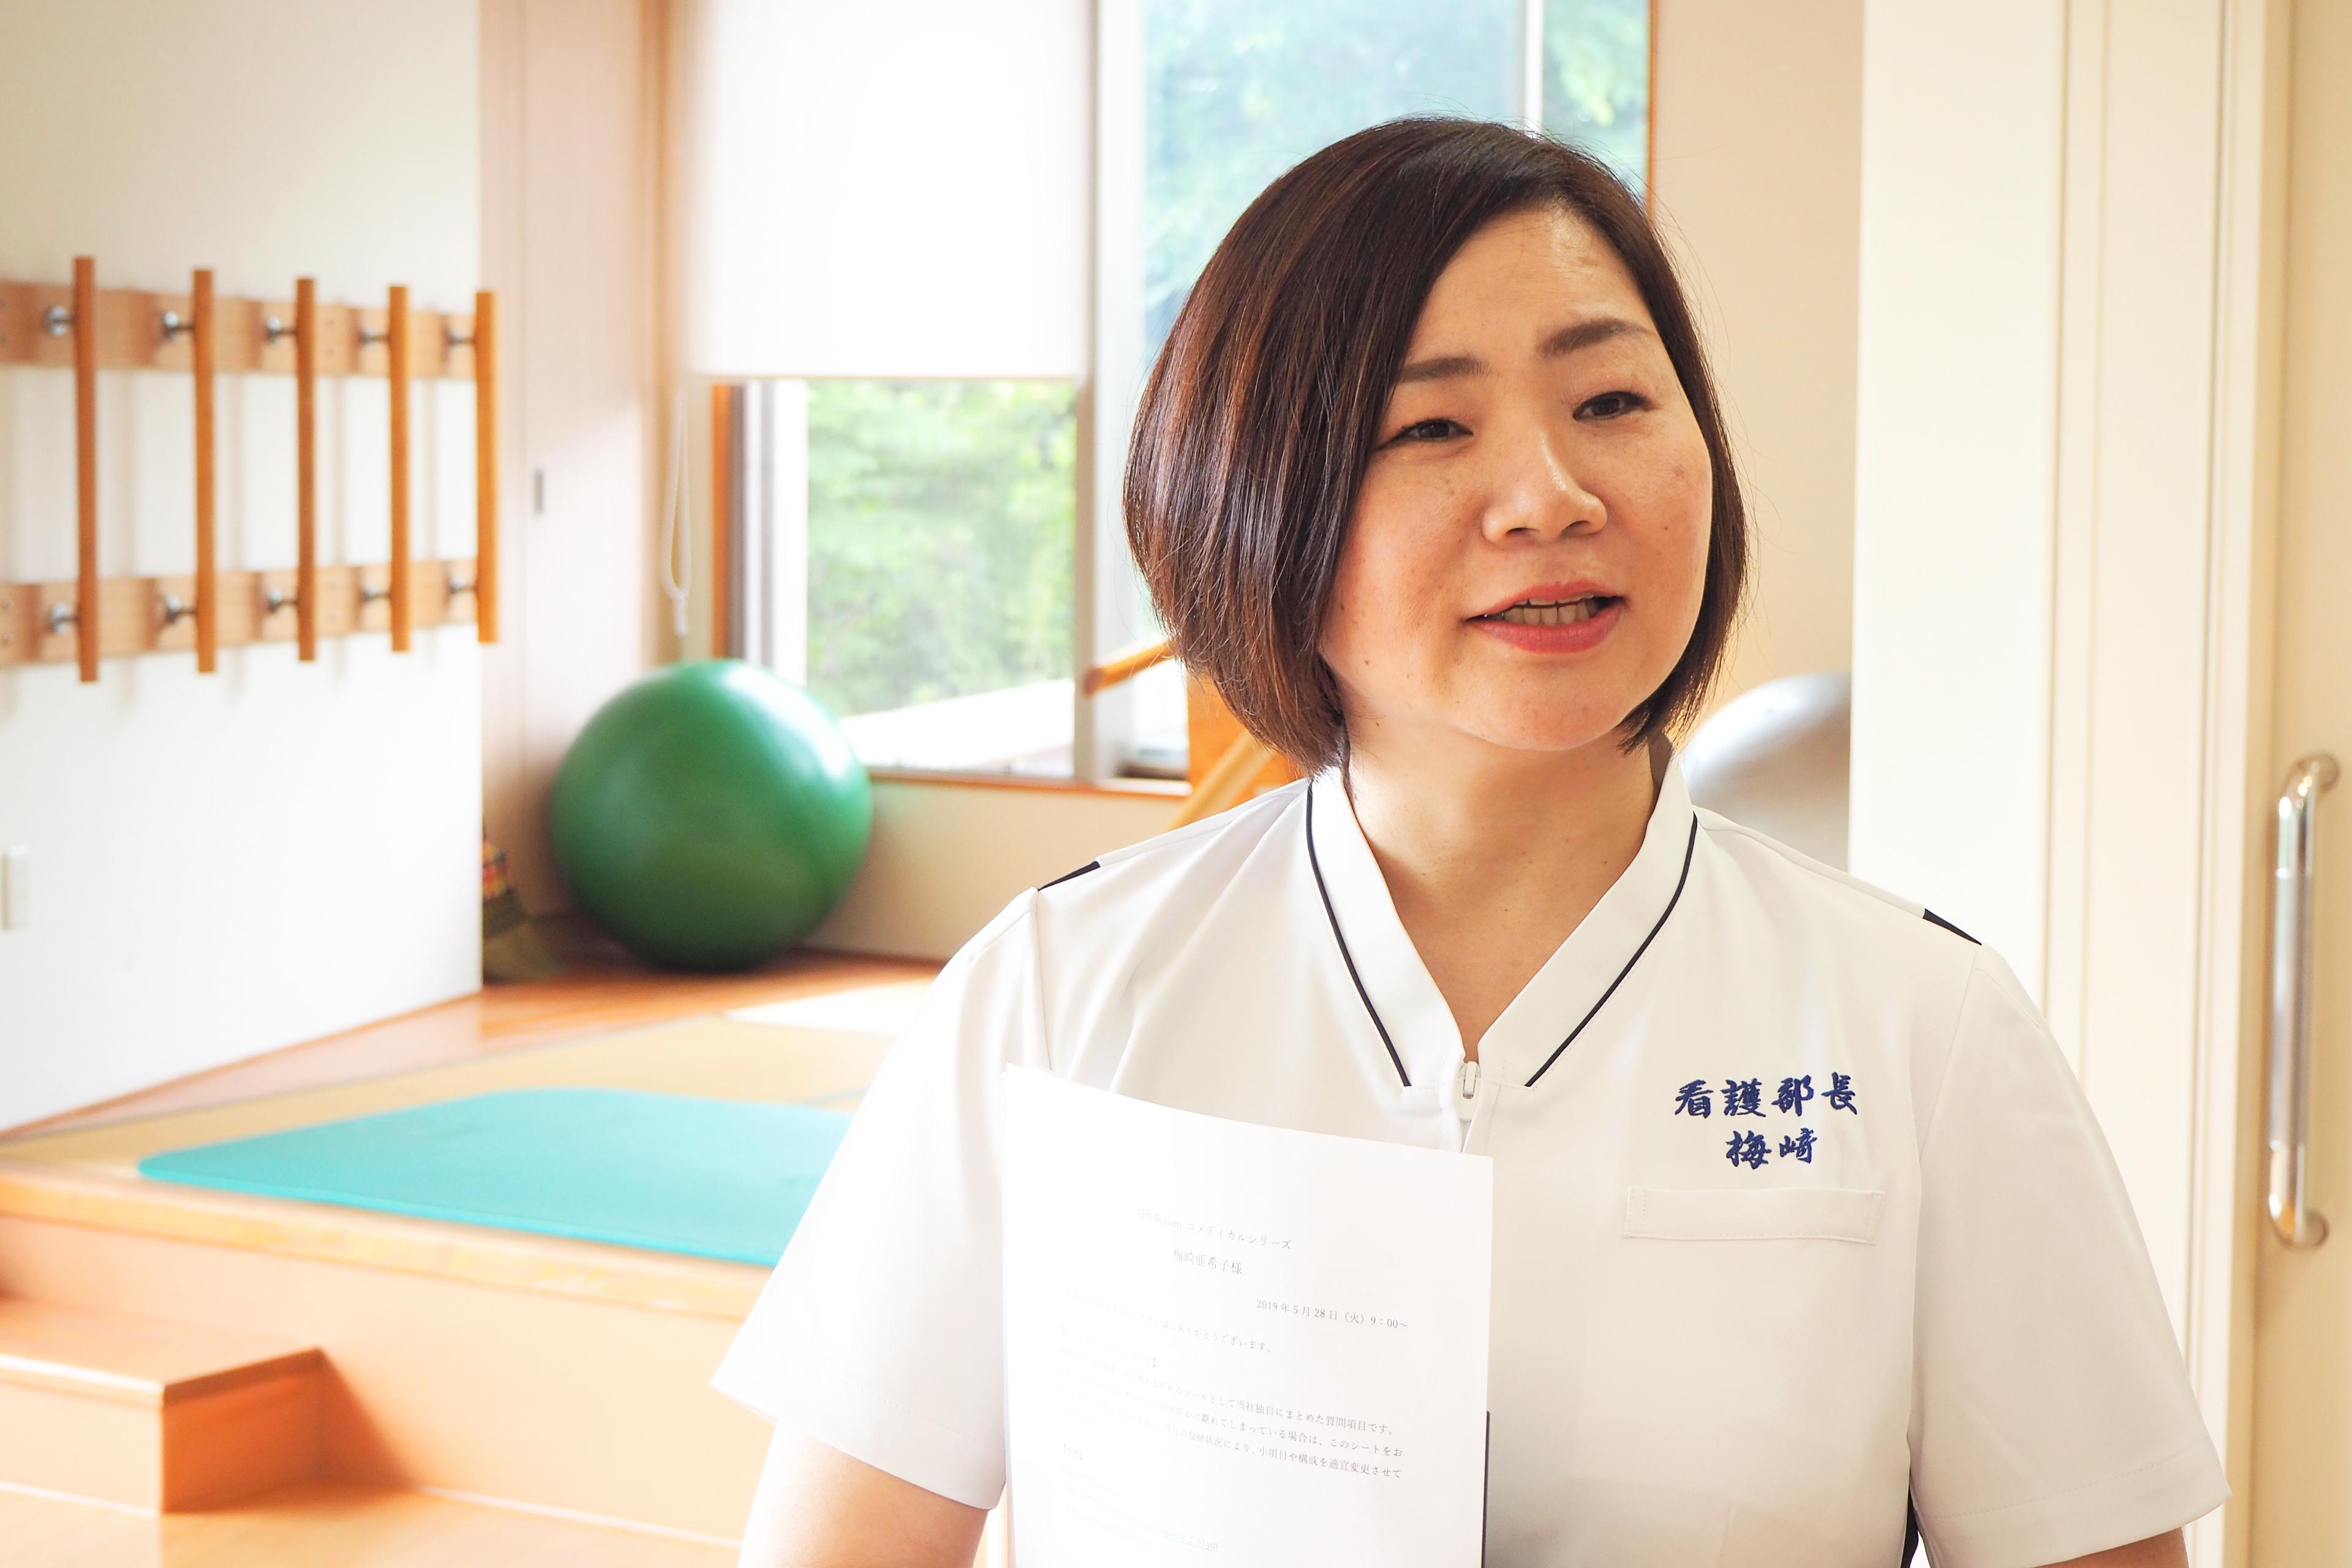 働く環境を整える役割に徹する覚悟を決めた――光風園病院 梅崎亜希子さんのあゆみ